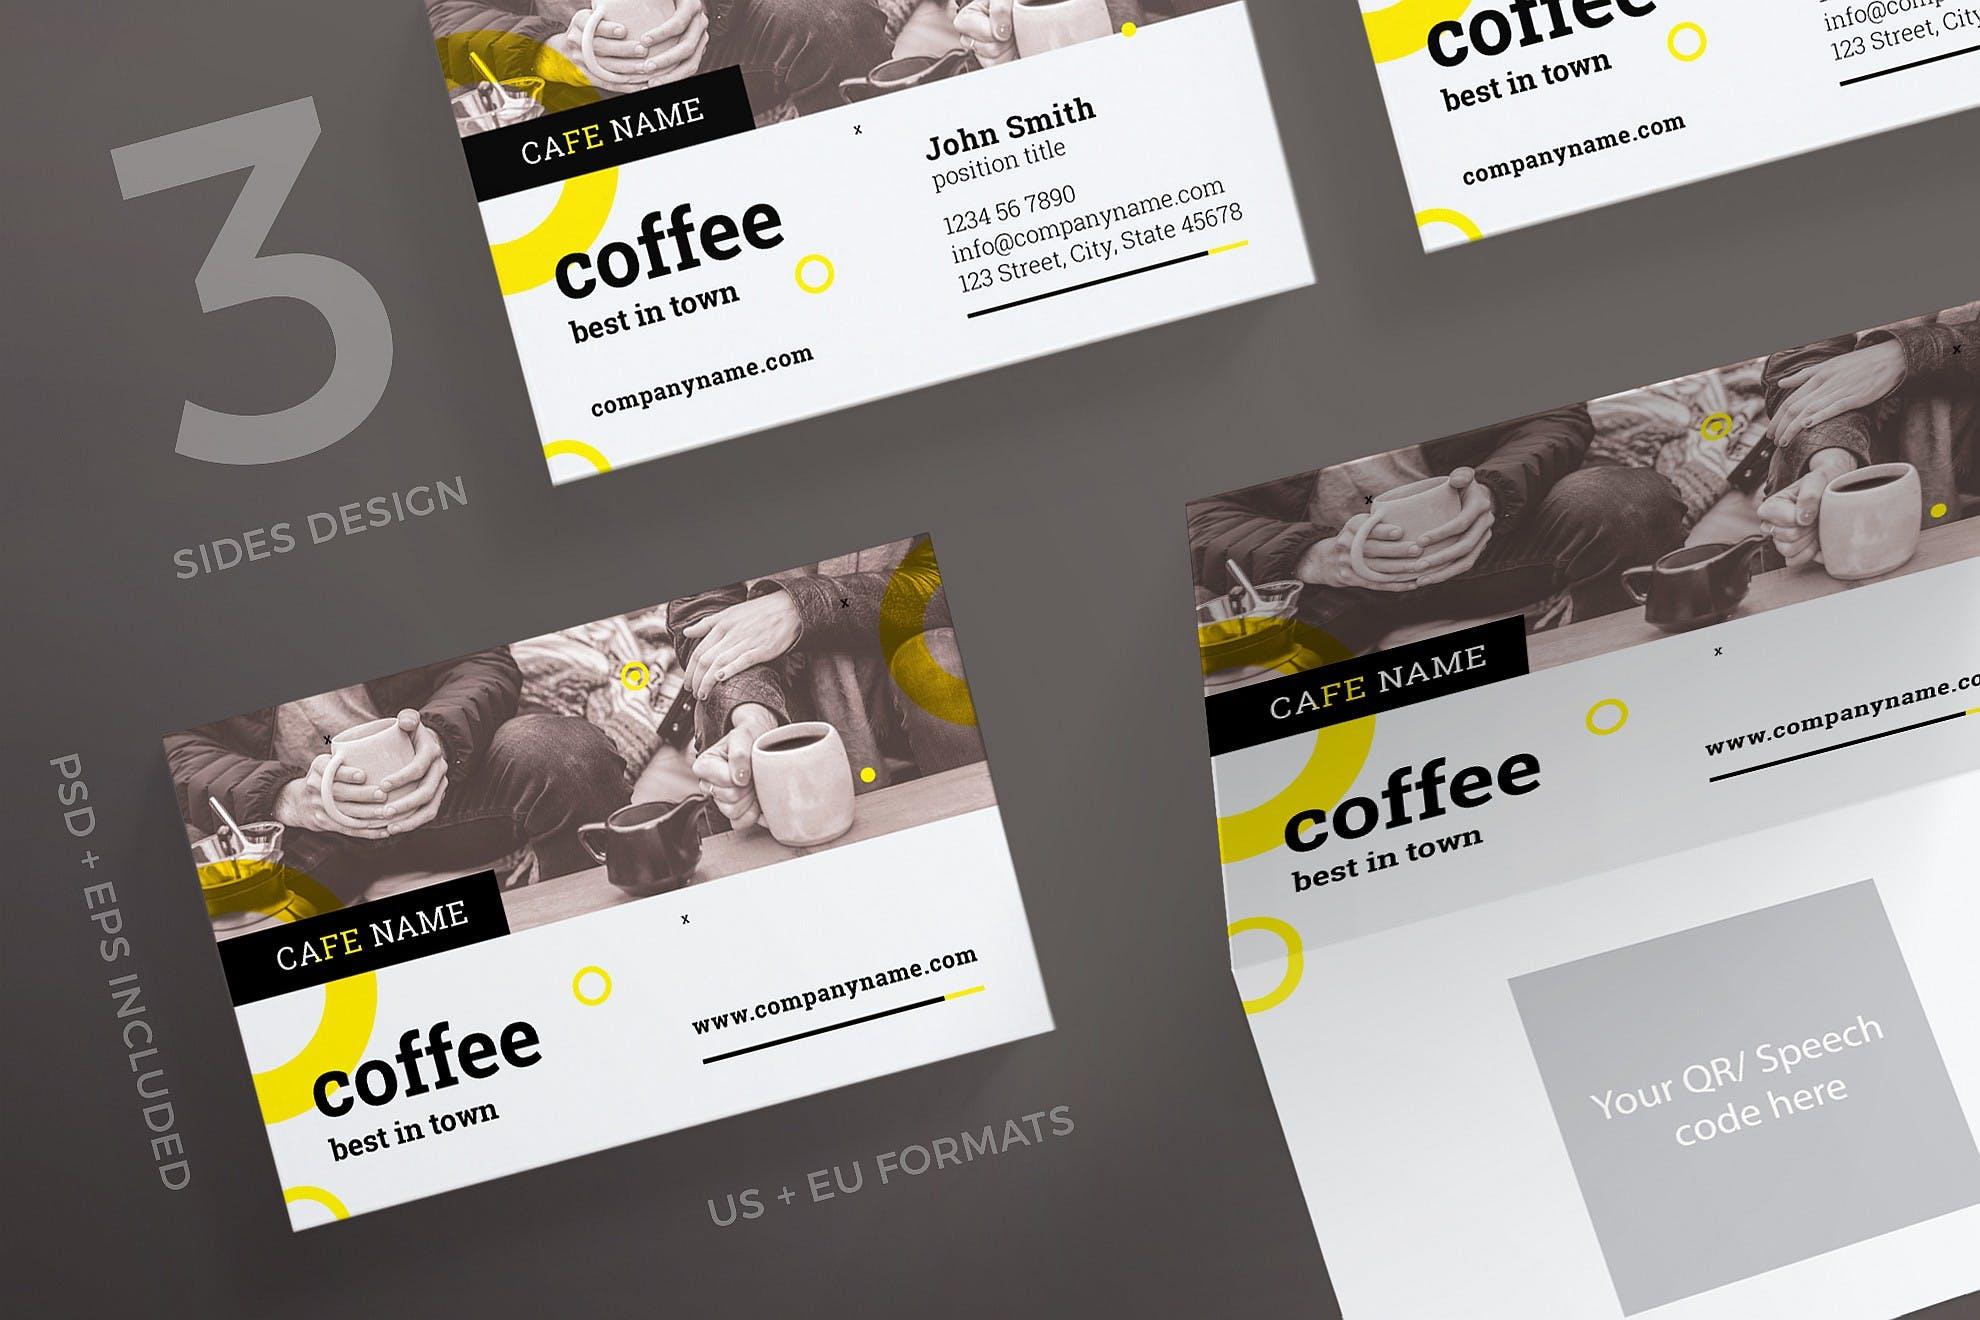 咖啡行业厅名片模板展示Coffee Shop Business Card Template